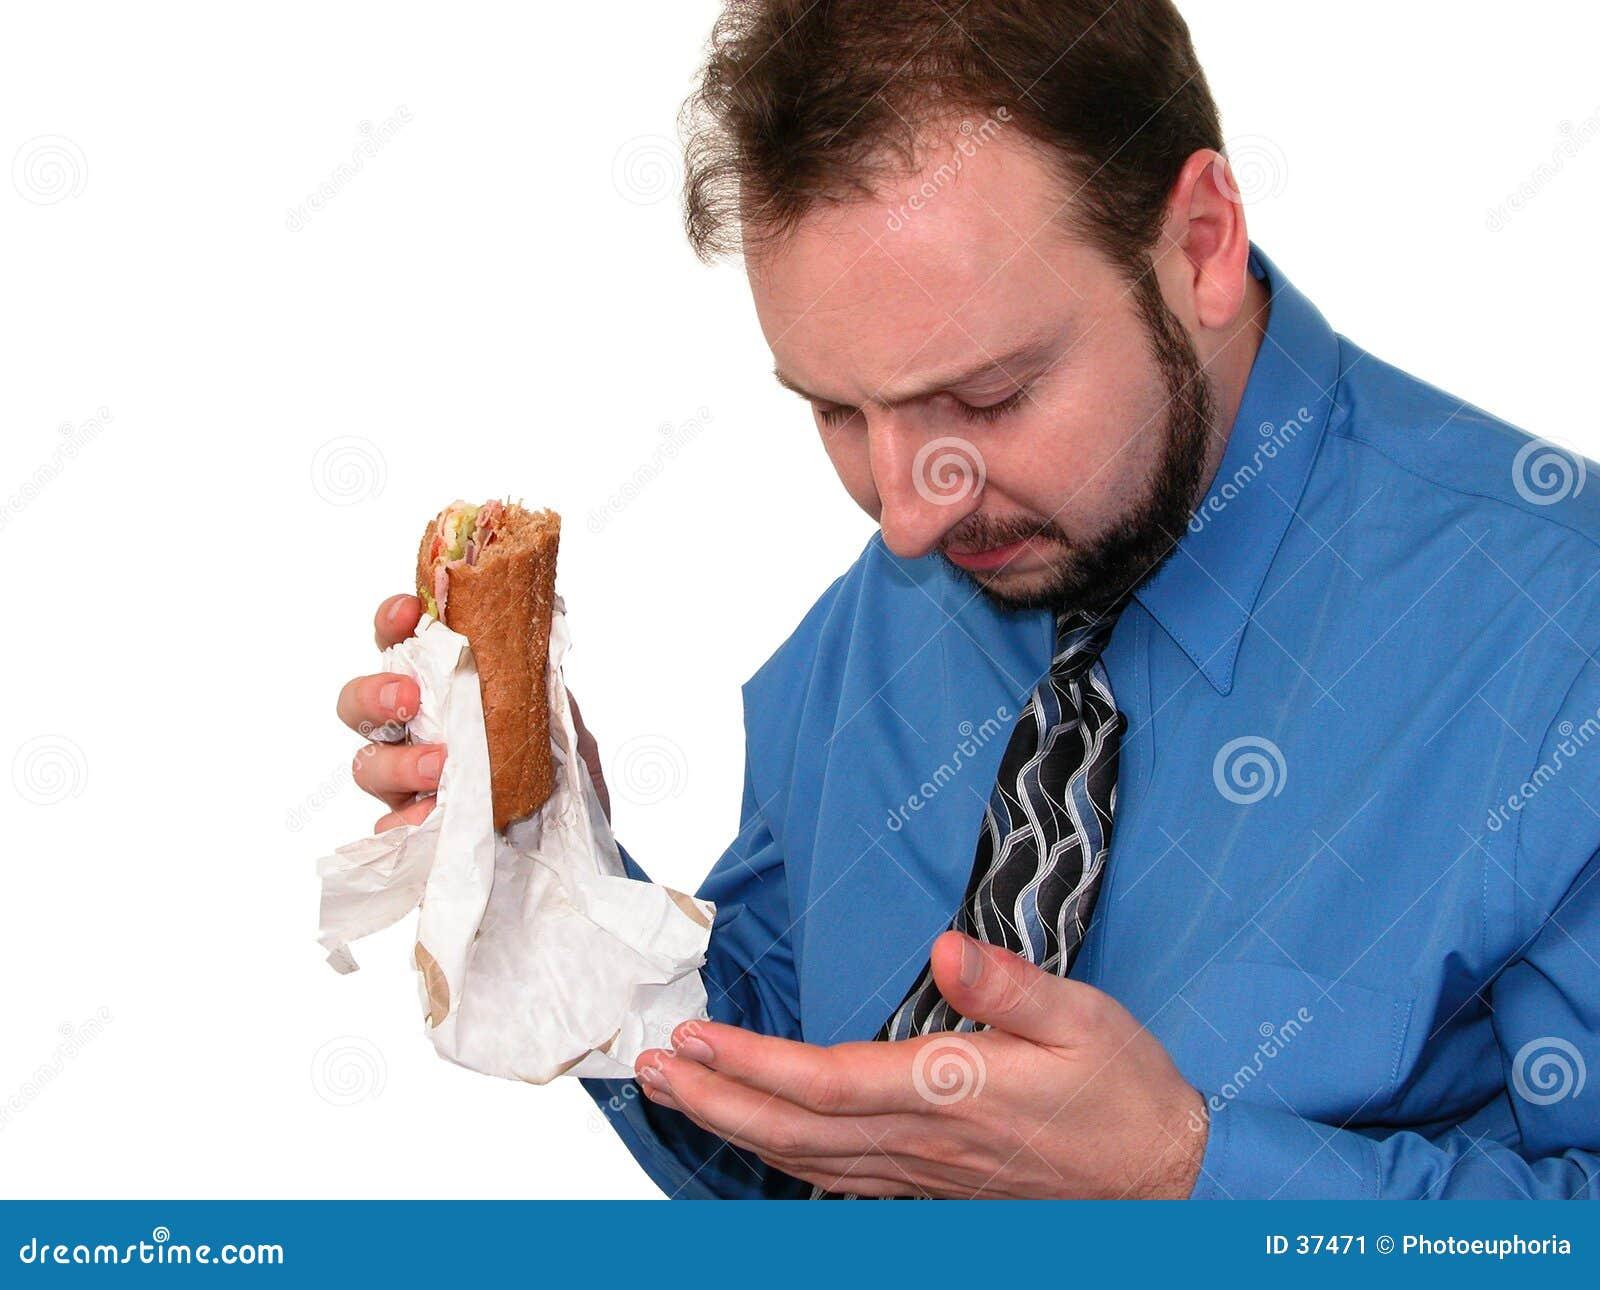 Negócio: Pausa para o almoço (2 de 4)